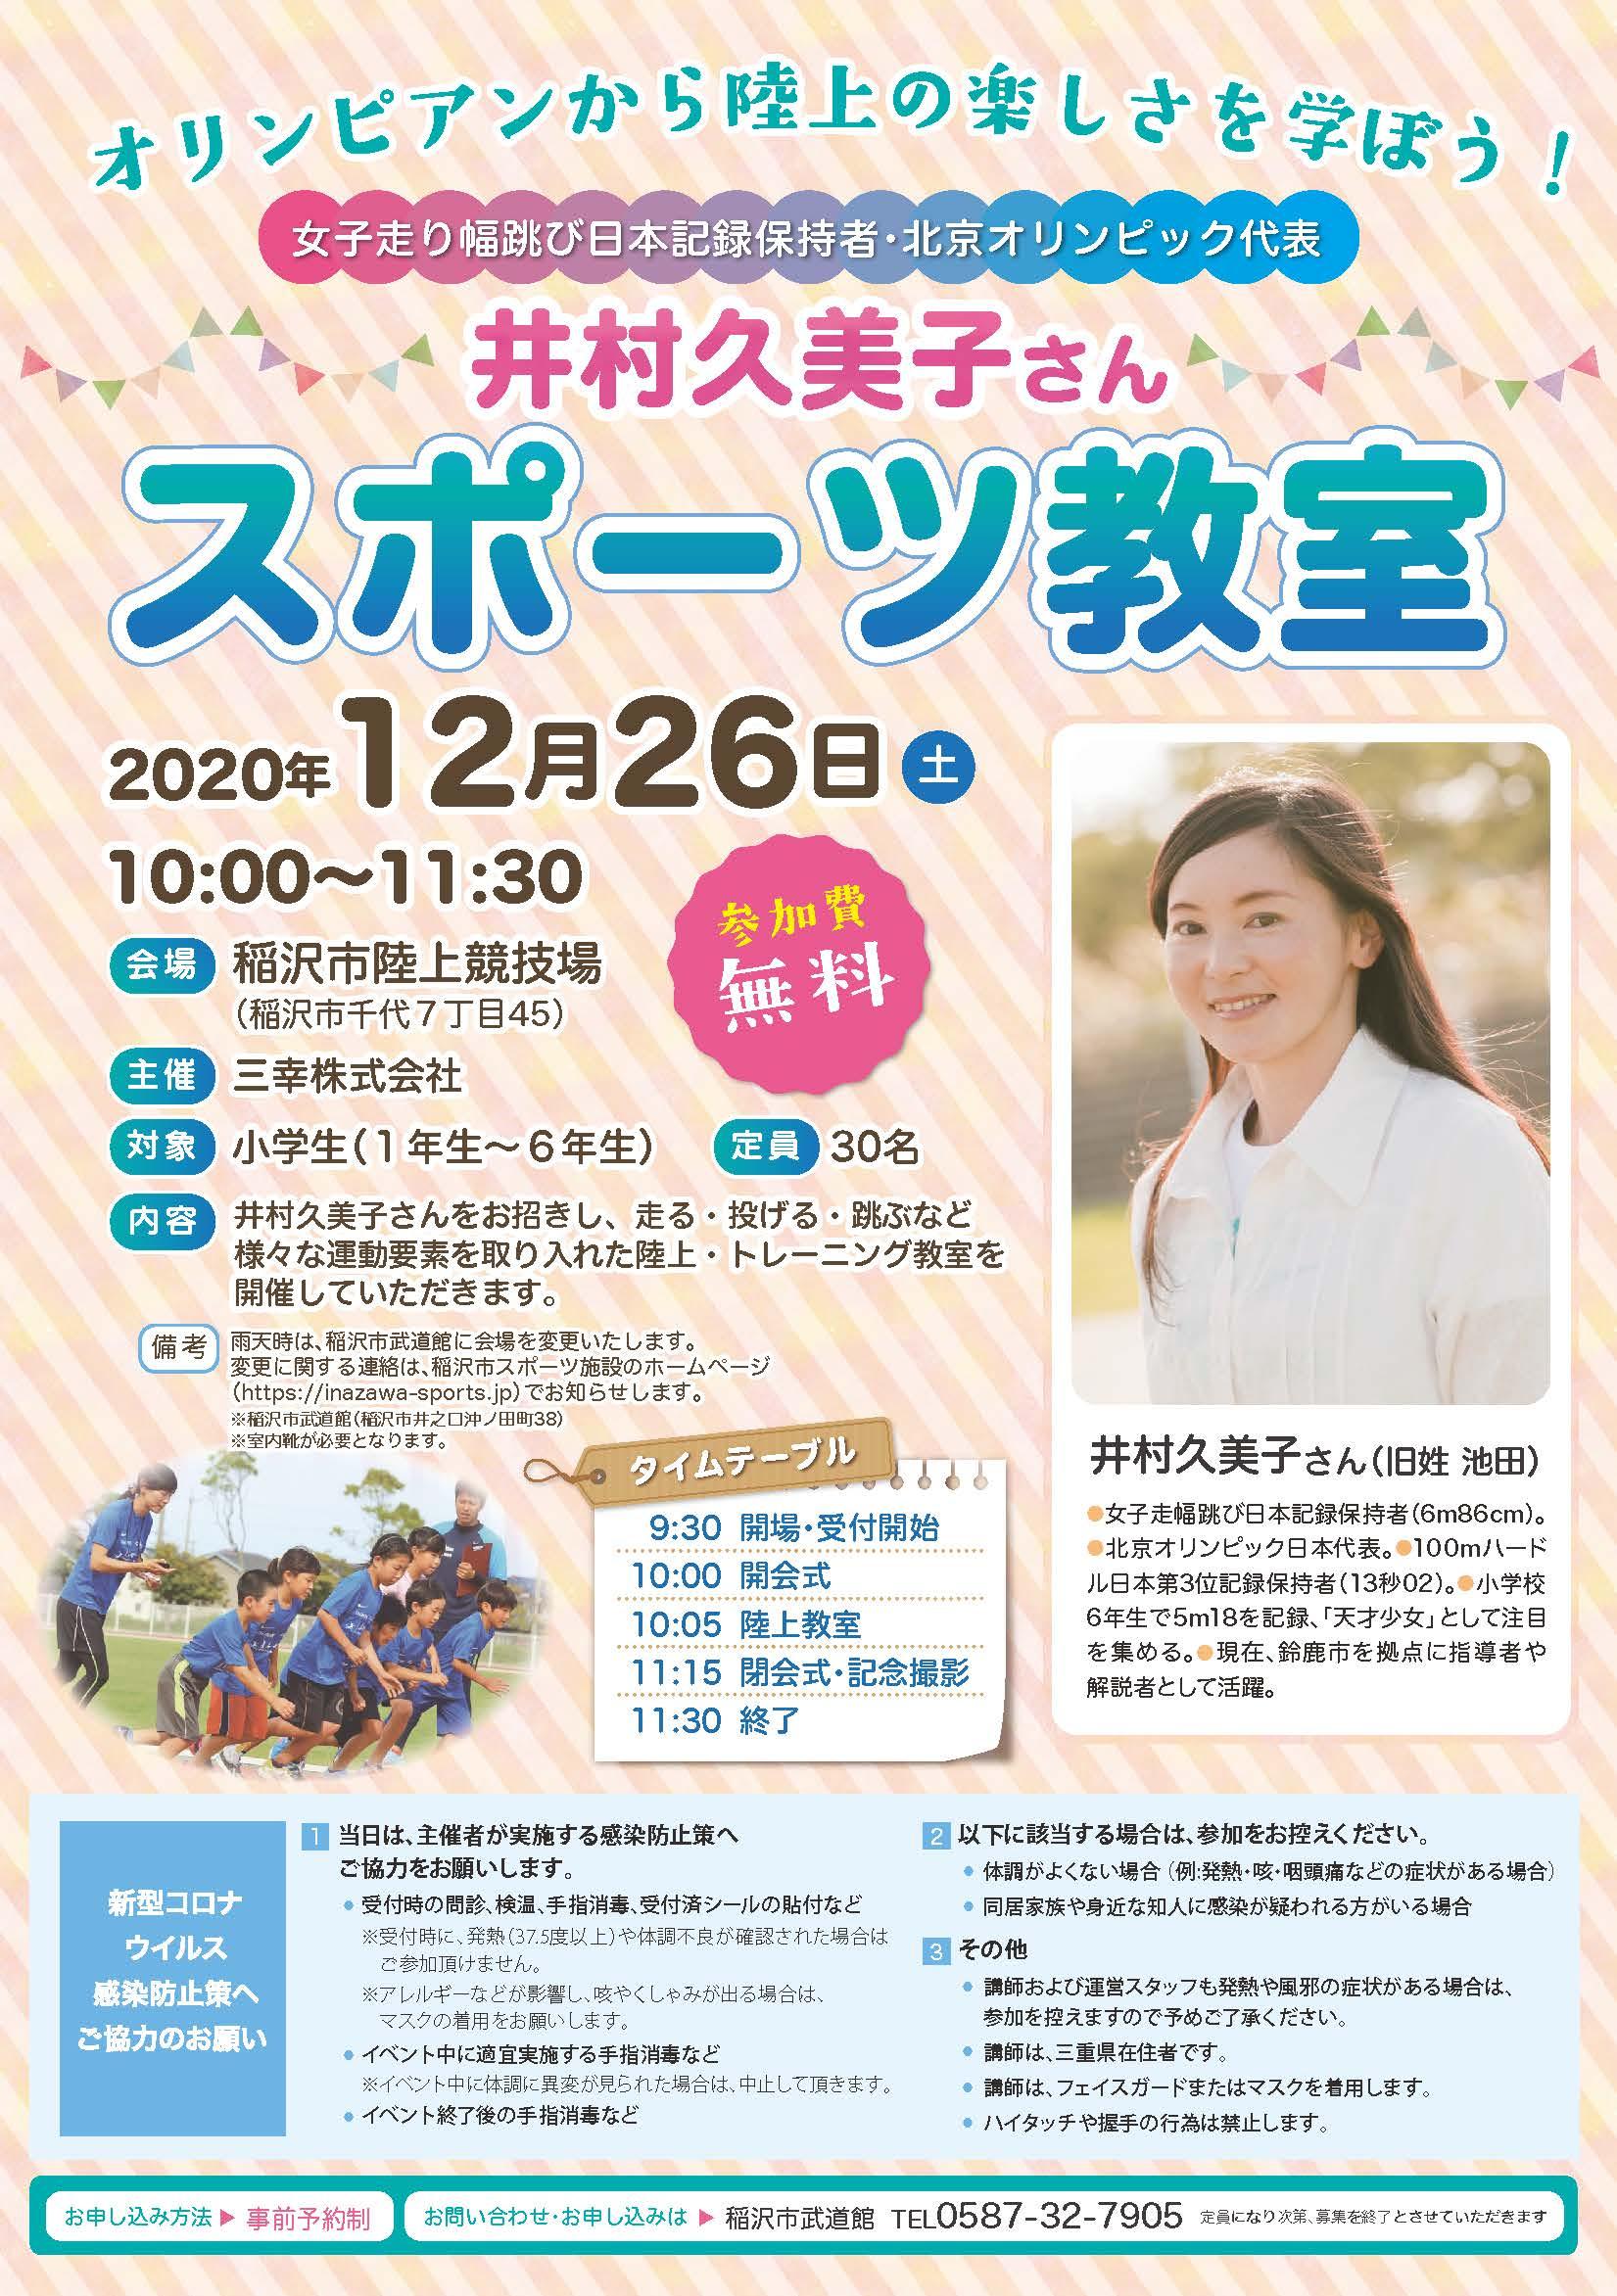 【12/26】わくわく陸上教室2020in稲沢市